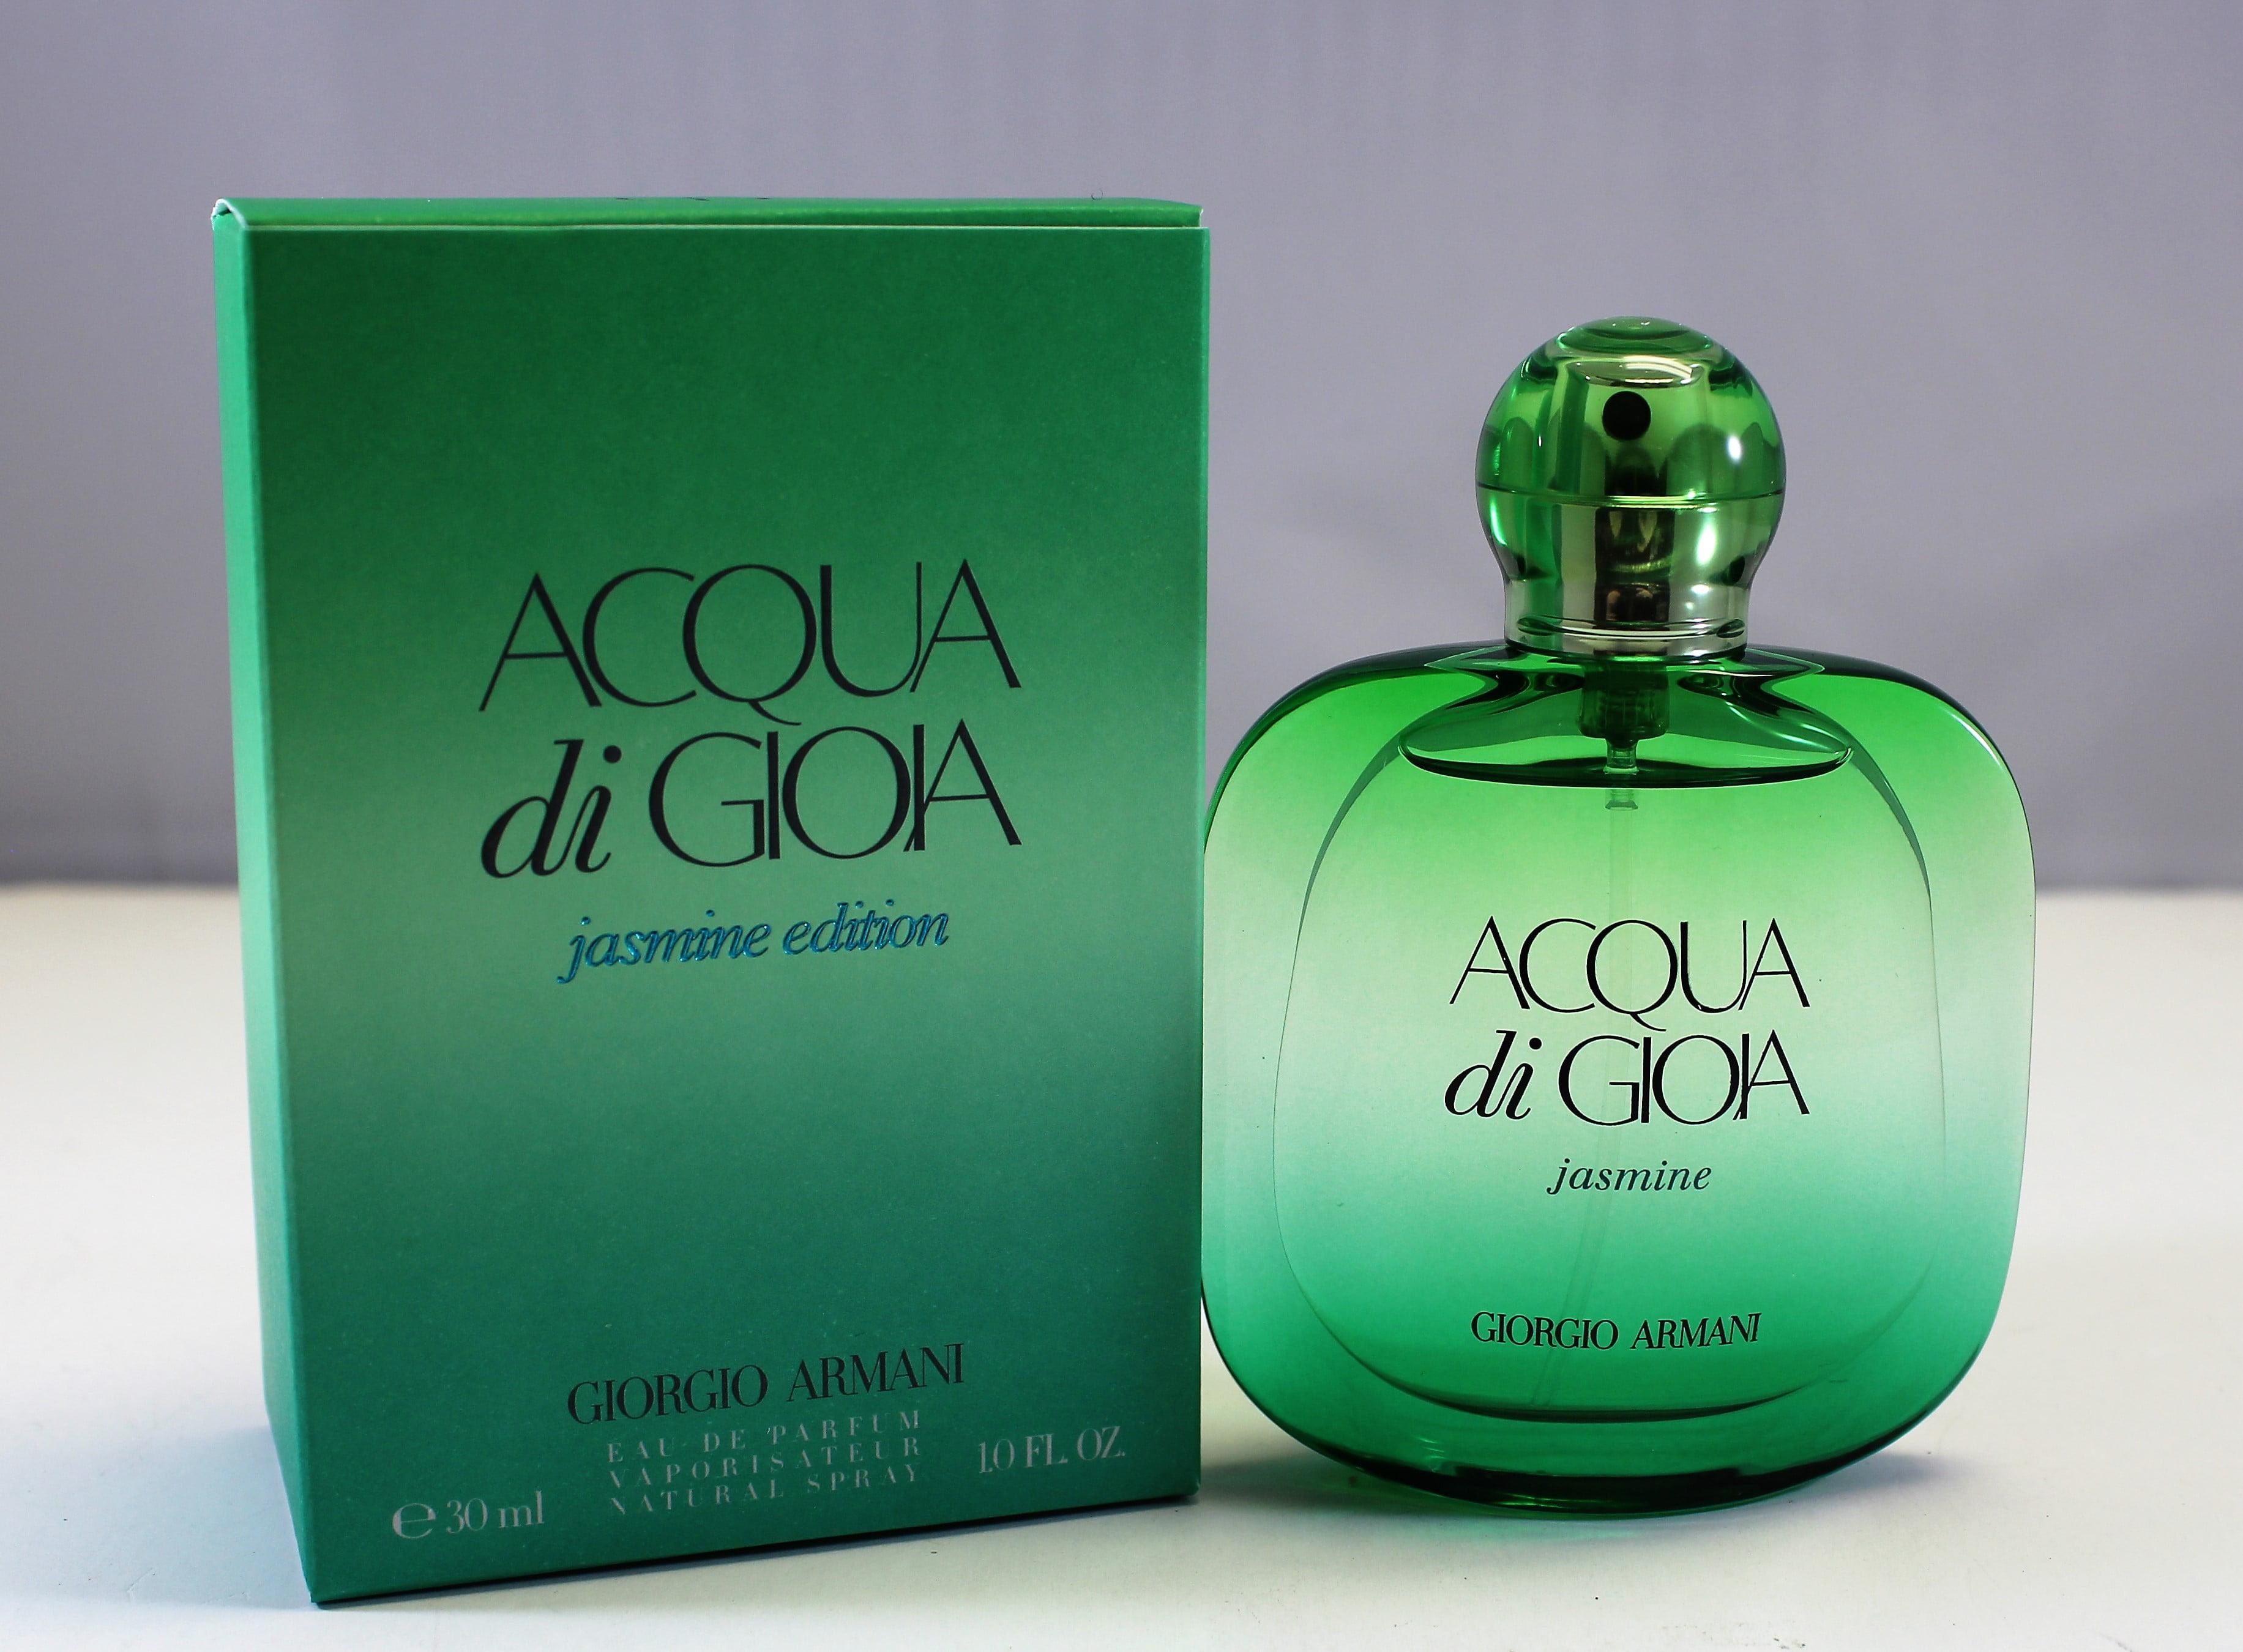 Giorgio Armani Acqua Di Gioia Jasmine Edition By Giorgio Armani